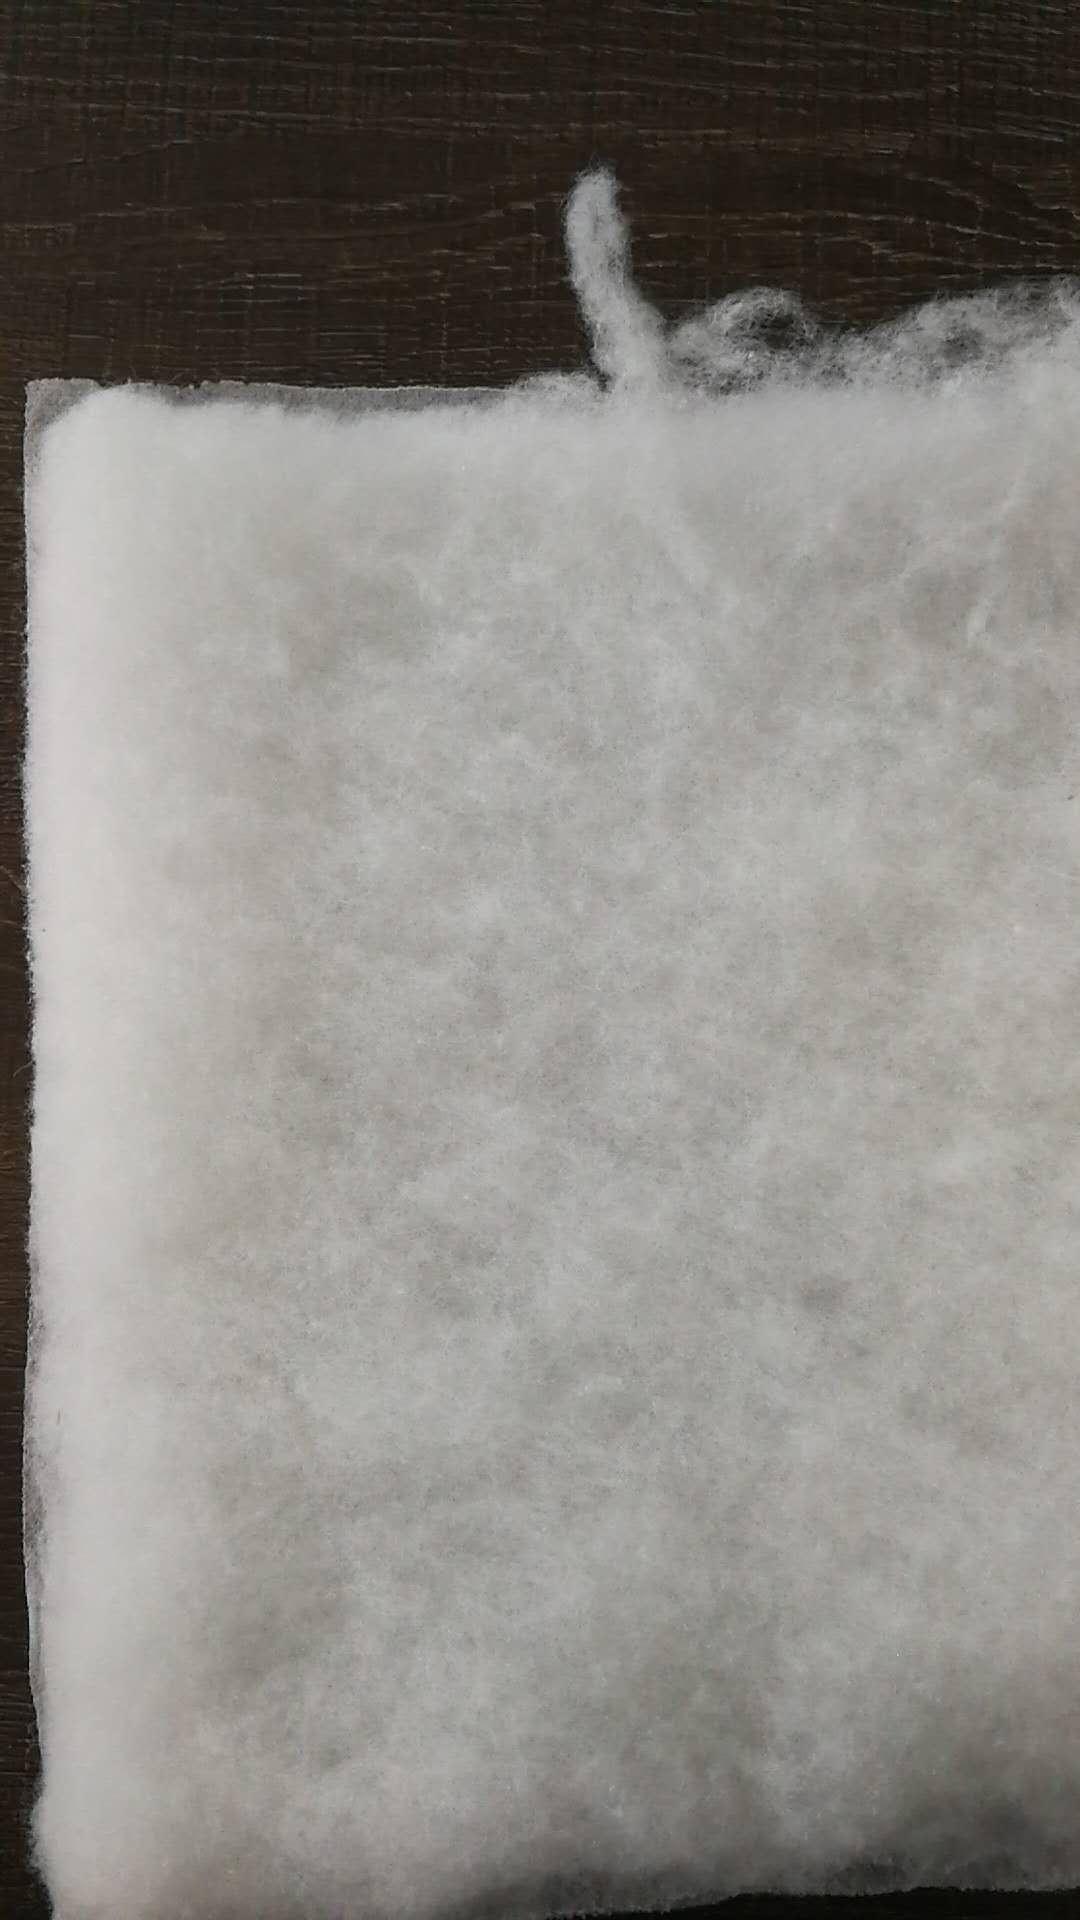 山东家和棉业提供好的沙发复合棉产品-浙江丝棉哪里有